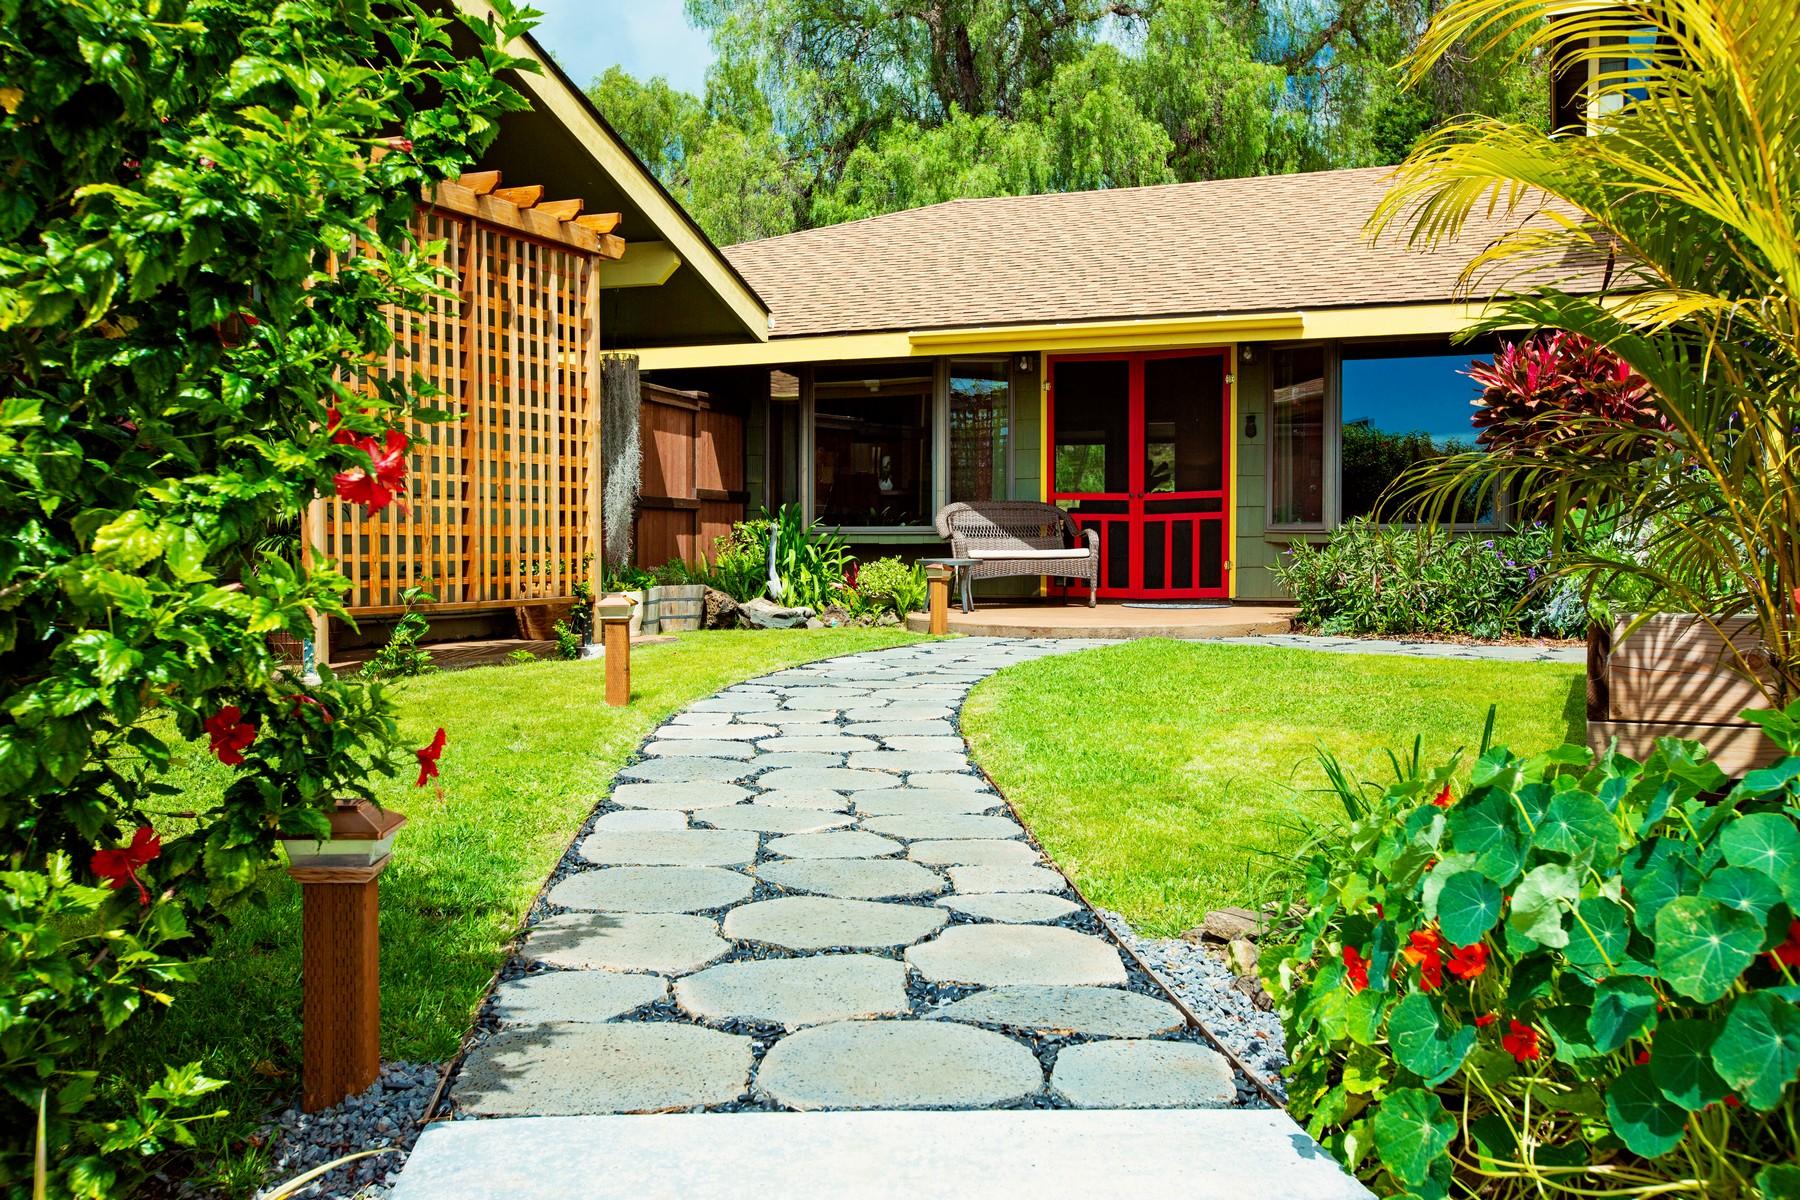 Single Family Homes for Active at Kula Bliss 720 Holopuni Rd Kula, Hawaii 96790 United States